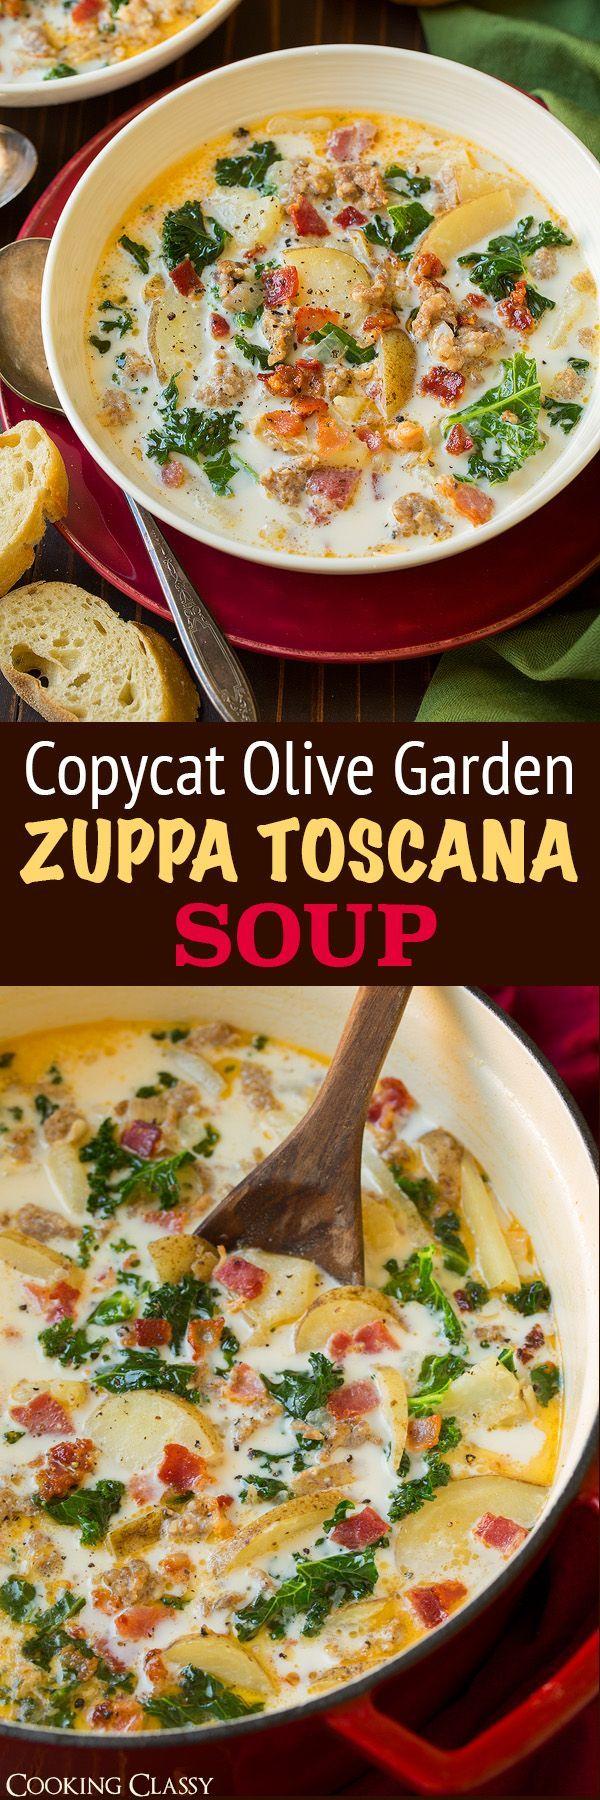 Zuppa Toscana Soup (Olive Garden Copycat) | SOUPS | Pinterest ...